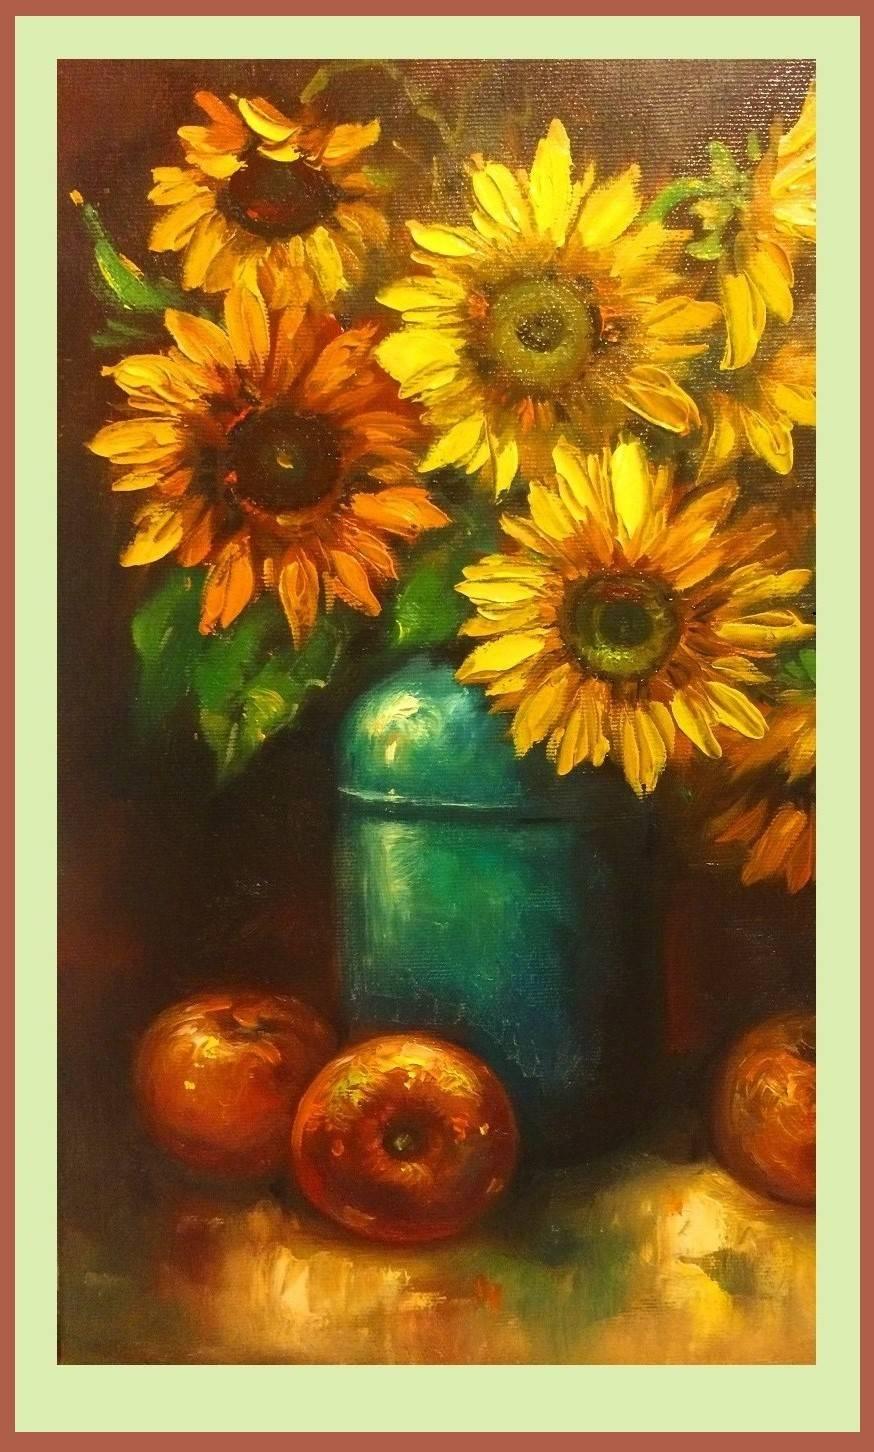 Poza vas cu floarea soarelui 3